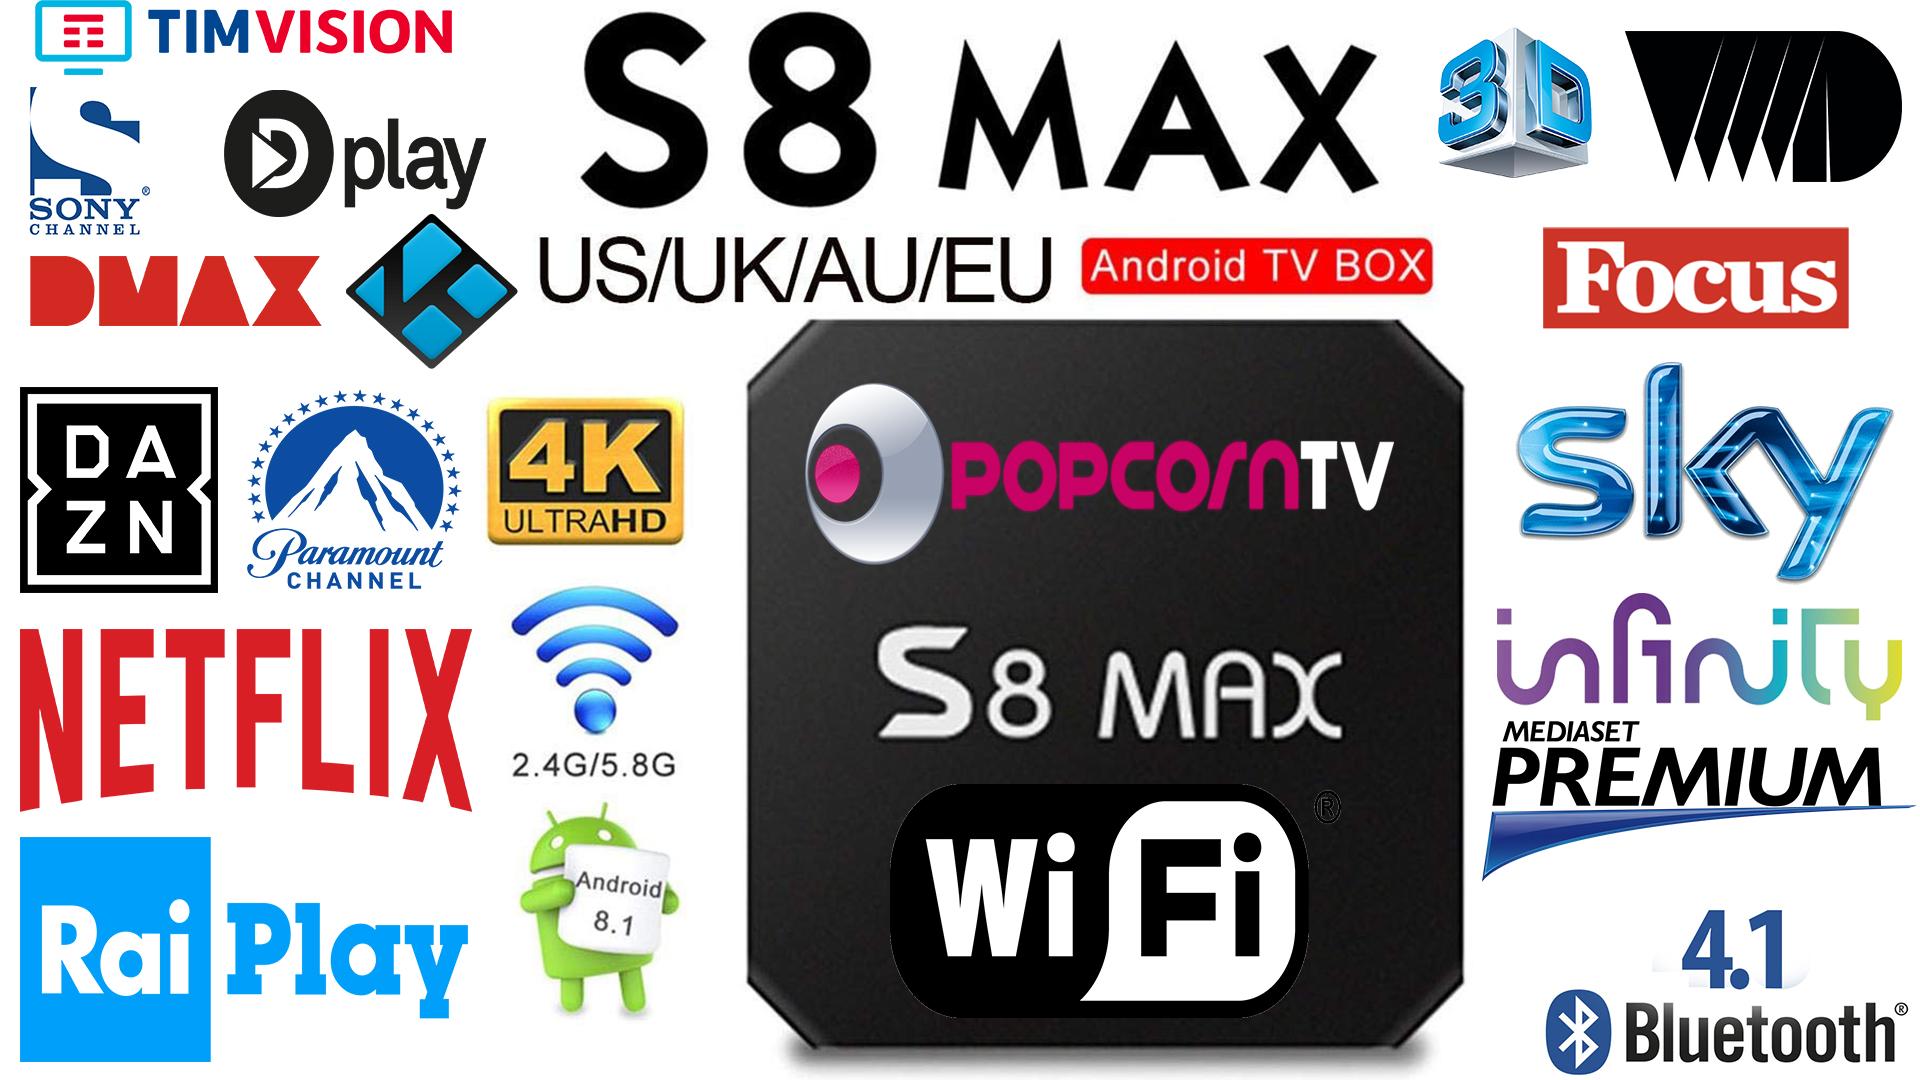 S8 Max